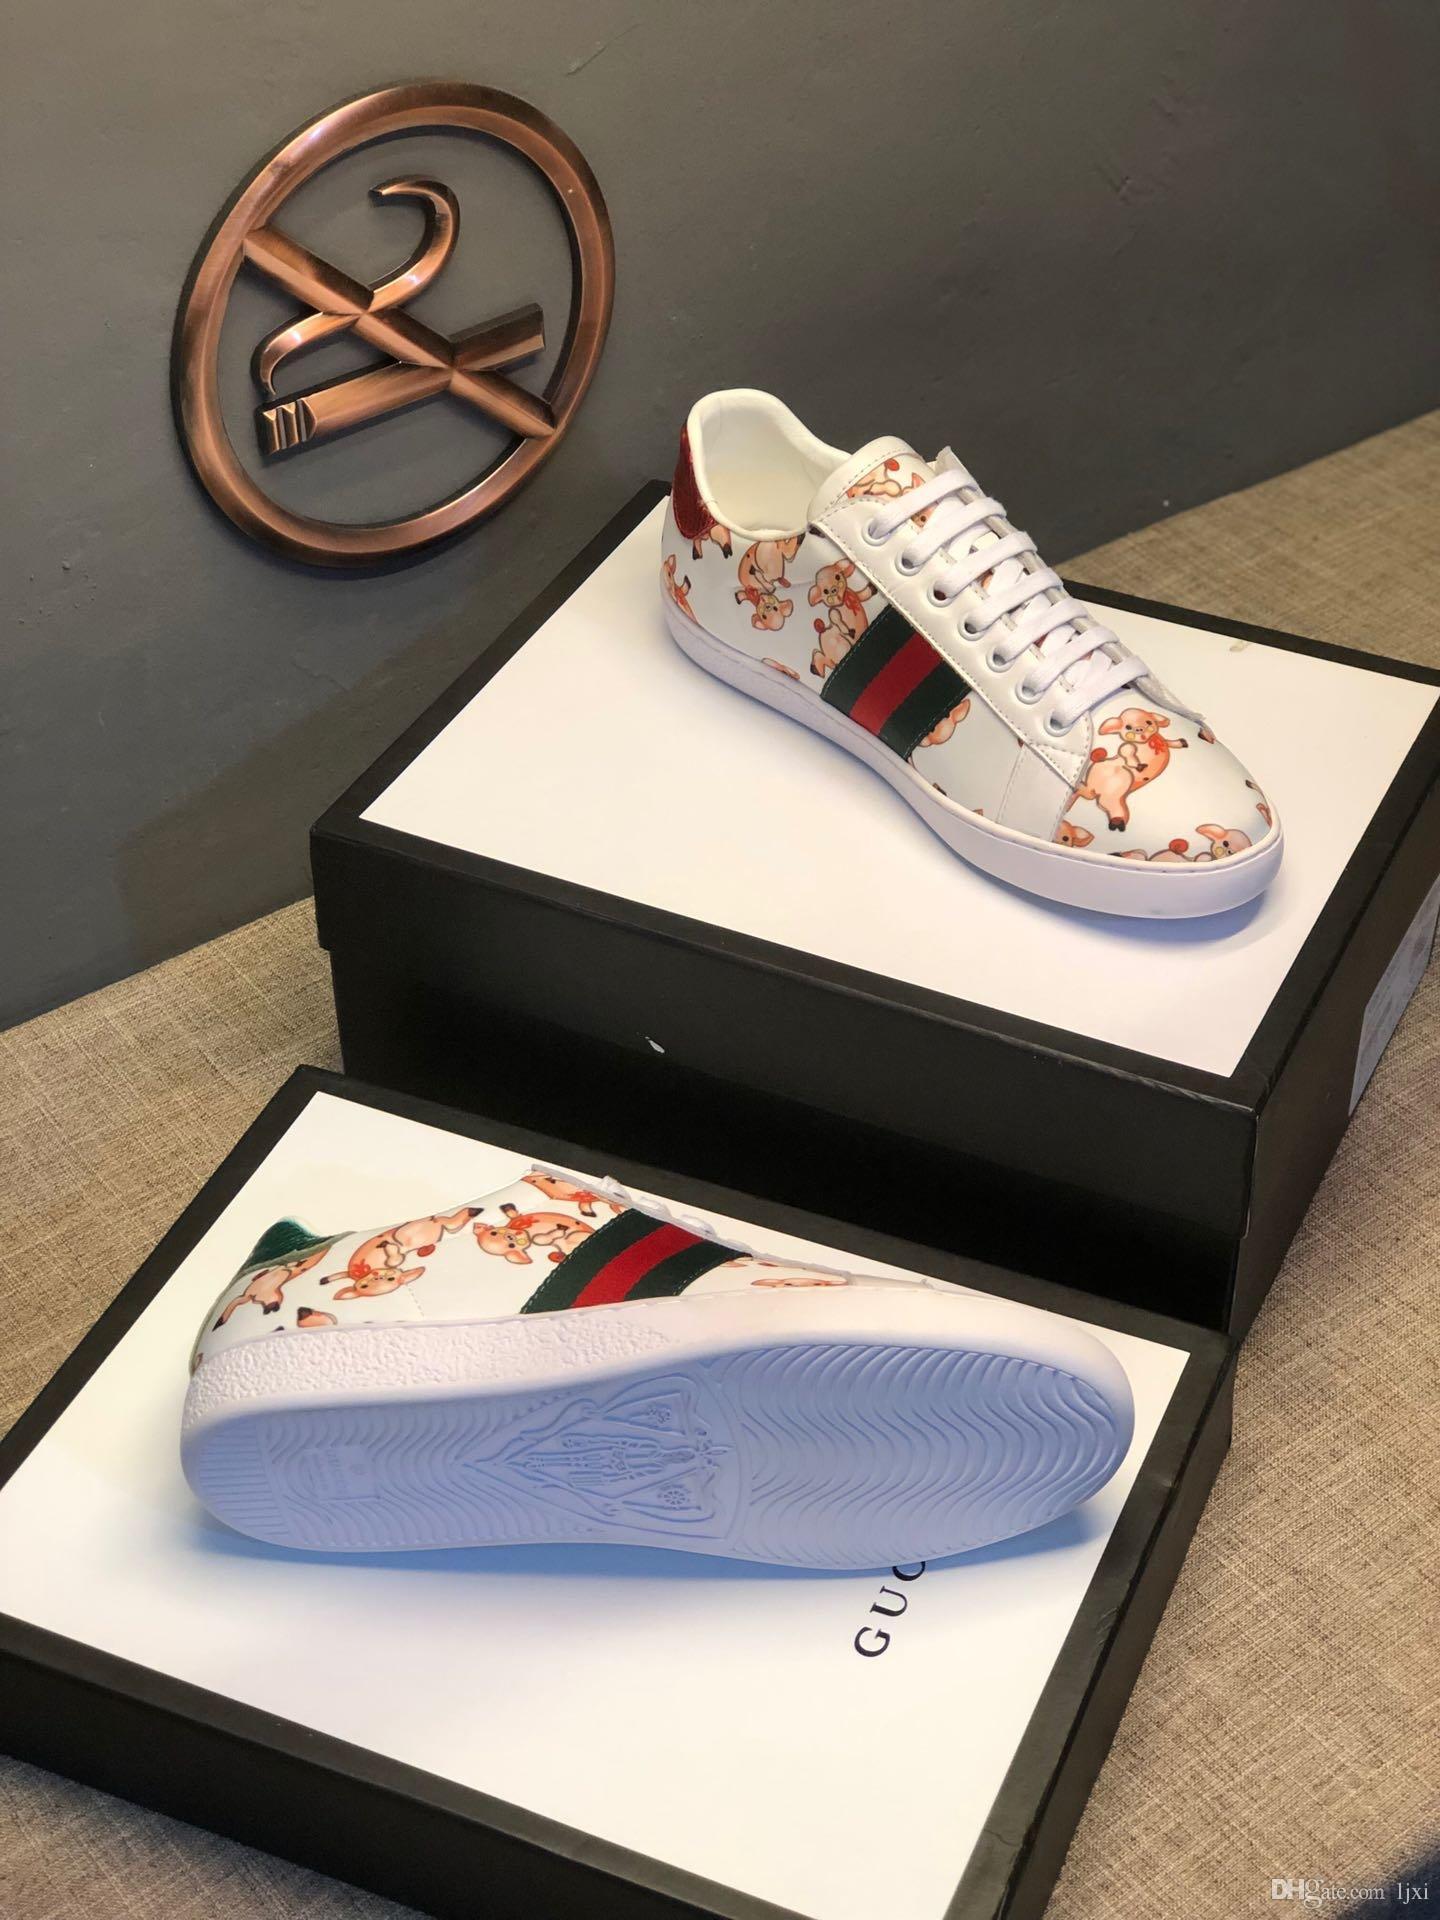 2019 da uomo Scarpe firmate footing de luxe surface cuir blanc imprimé chaussures de marche de porc 3 bandes formateurs de la plate-forme